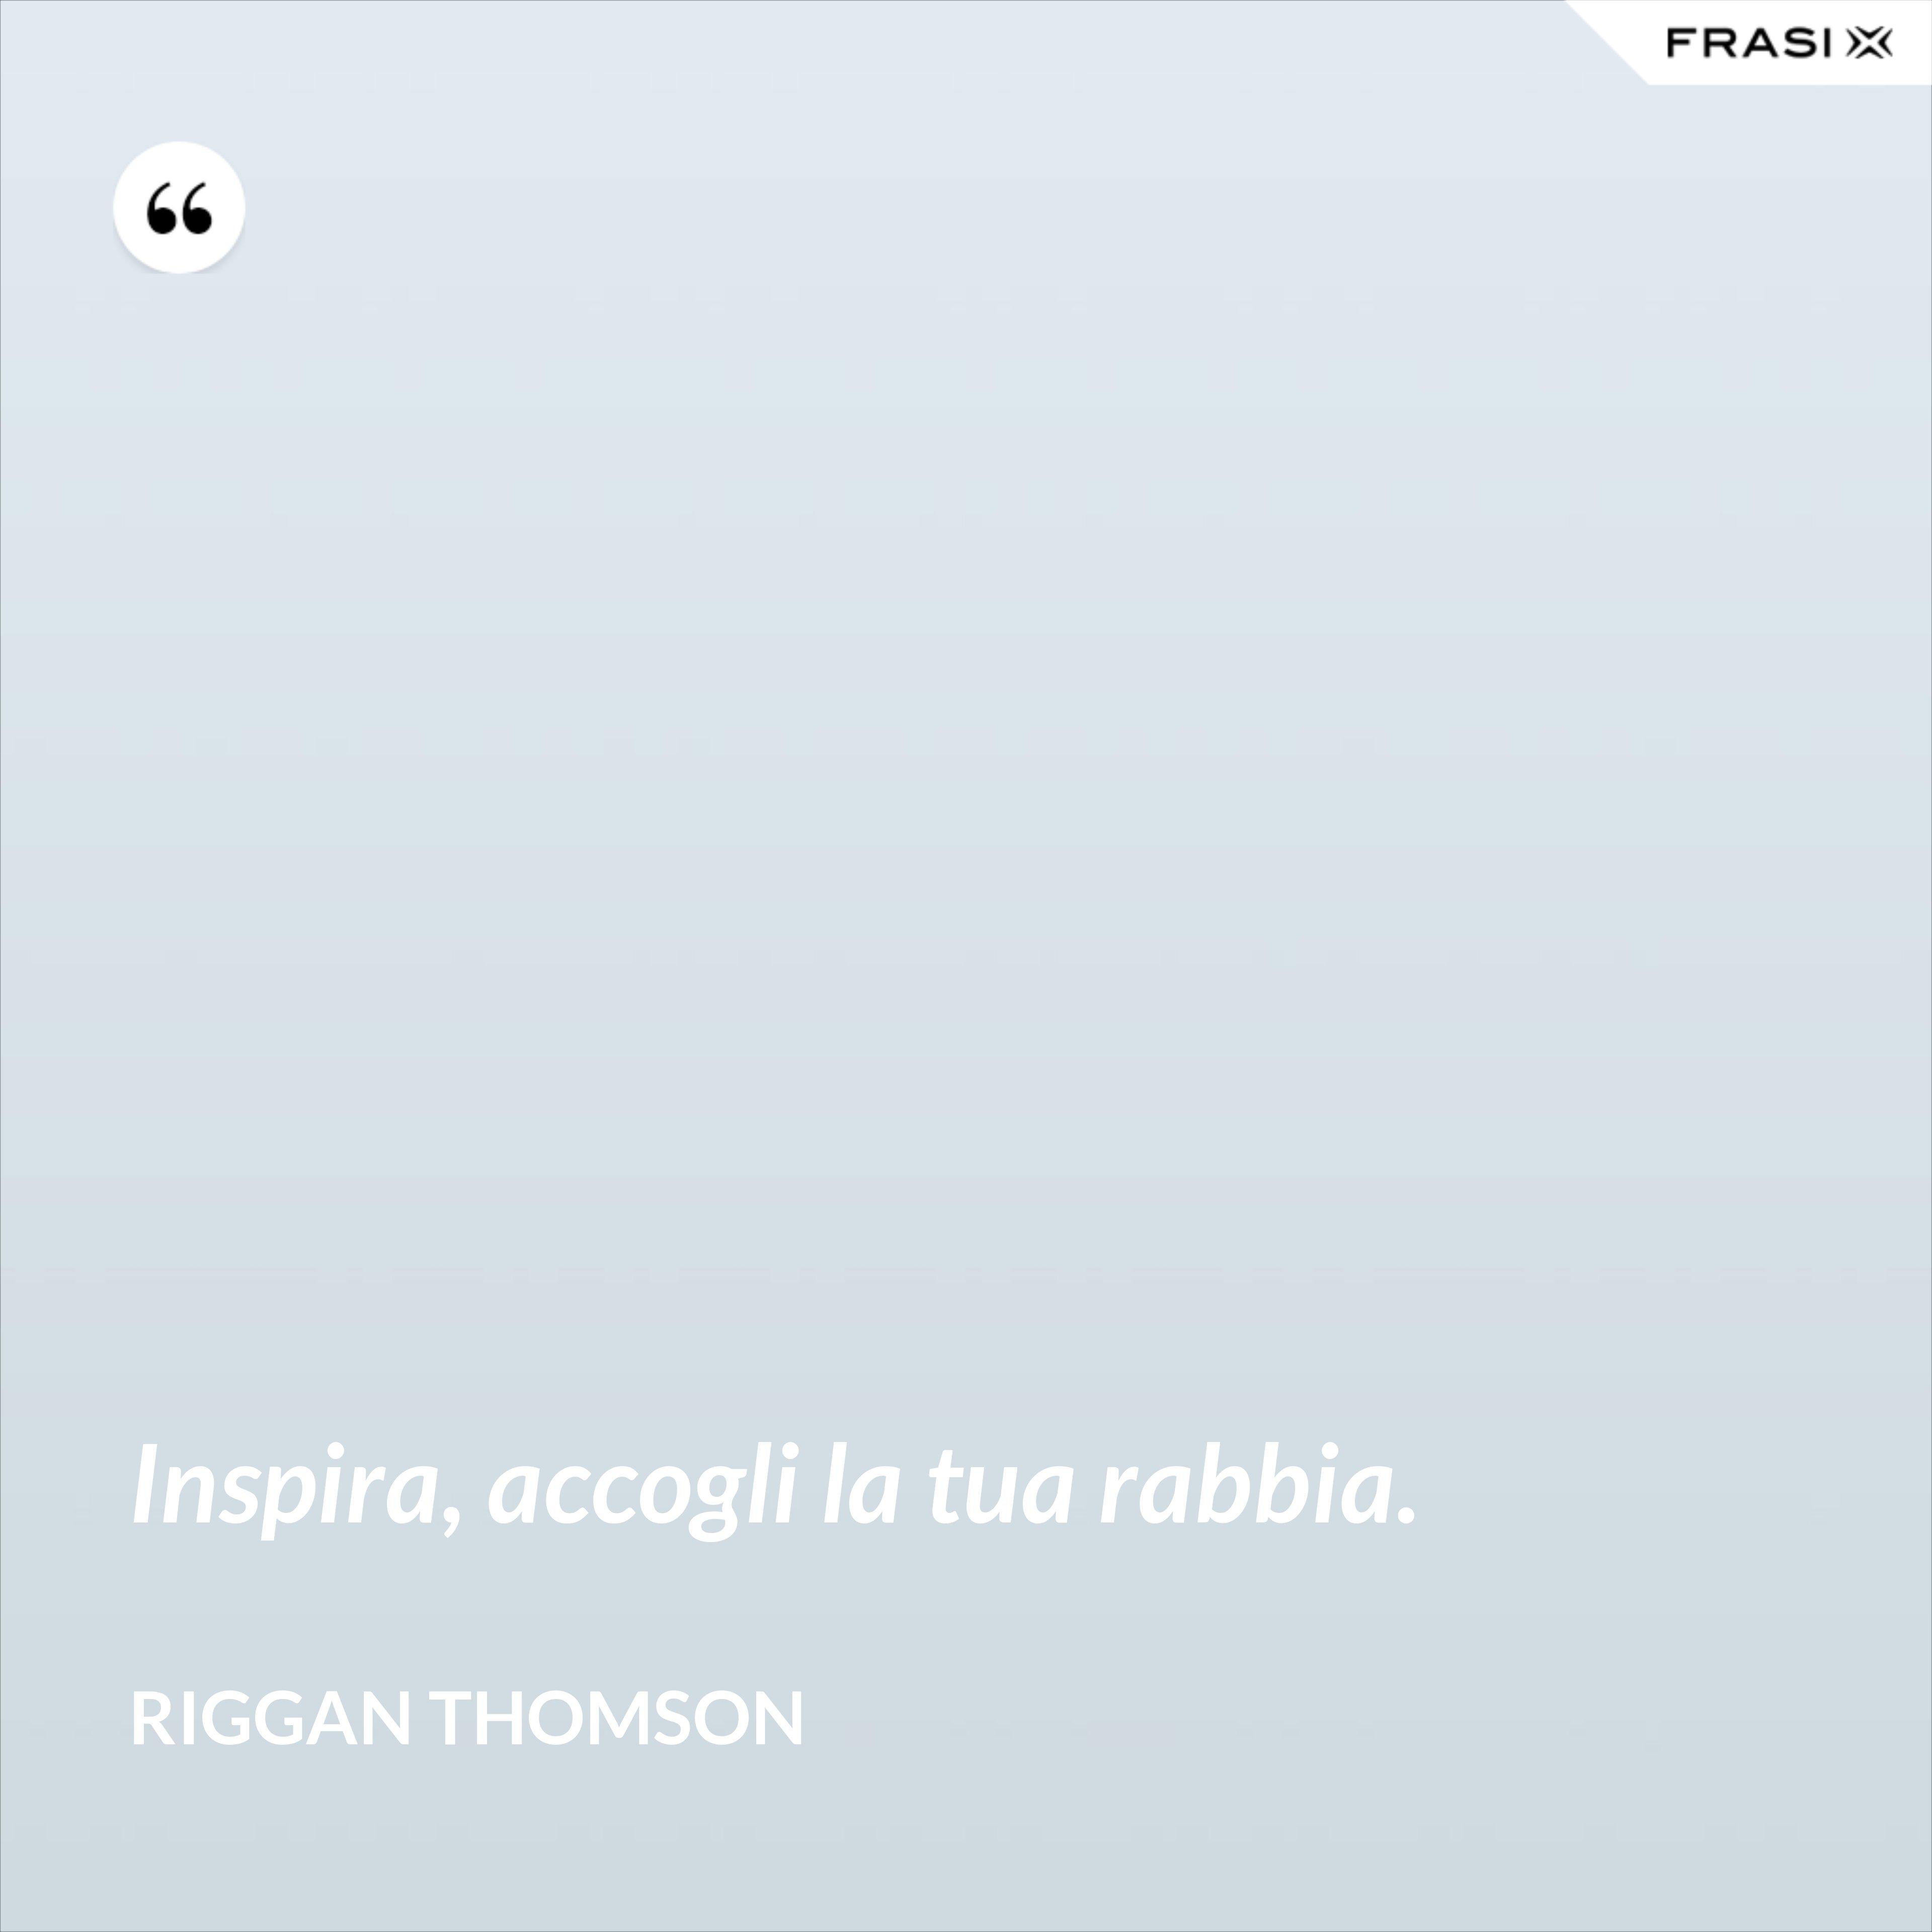 Inspira, accogli la tua rabbia. - Riggan Thomson